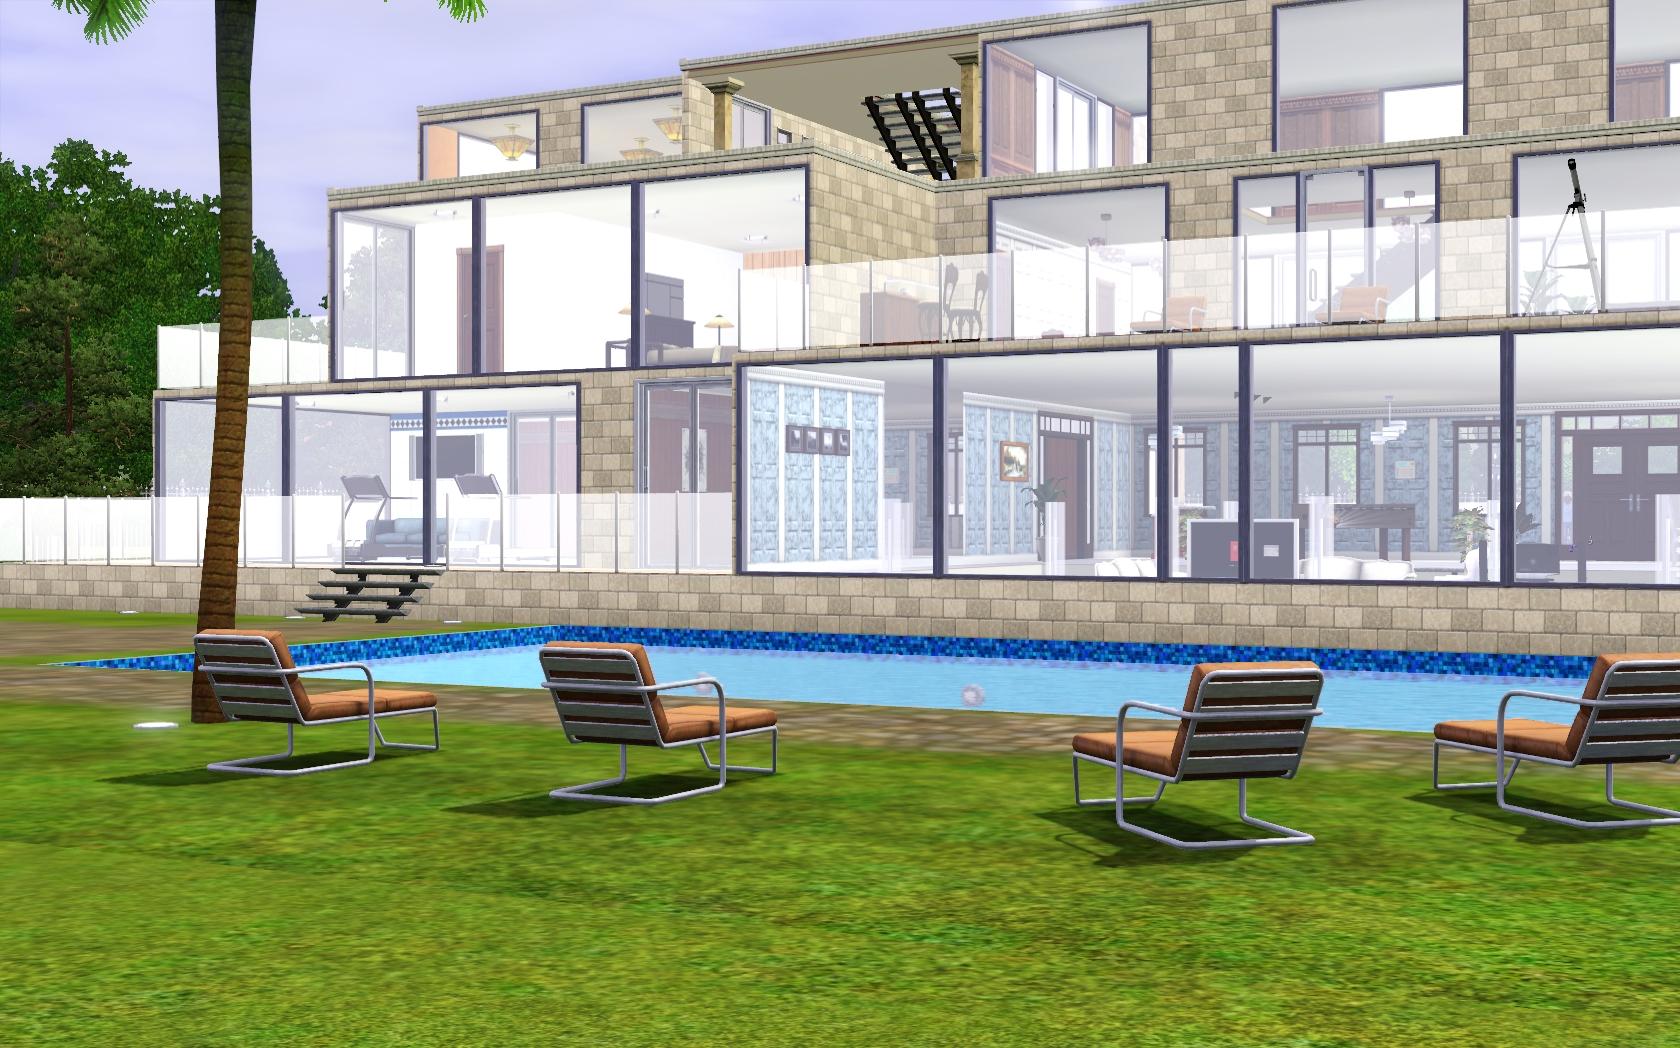 conseil maison top banque dimages maison dhabitation de deux tages avec revtement de briques et. Black Bedroom Furniture Sets. Home Design Ideas